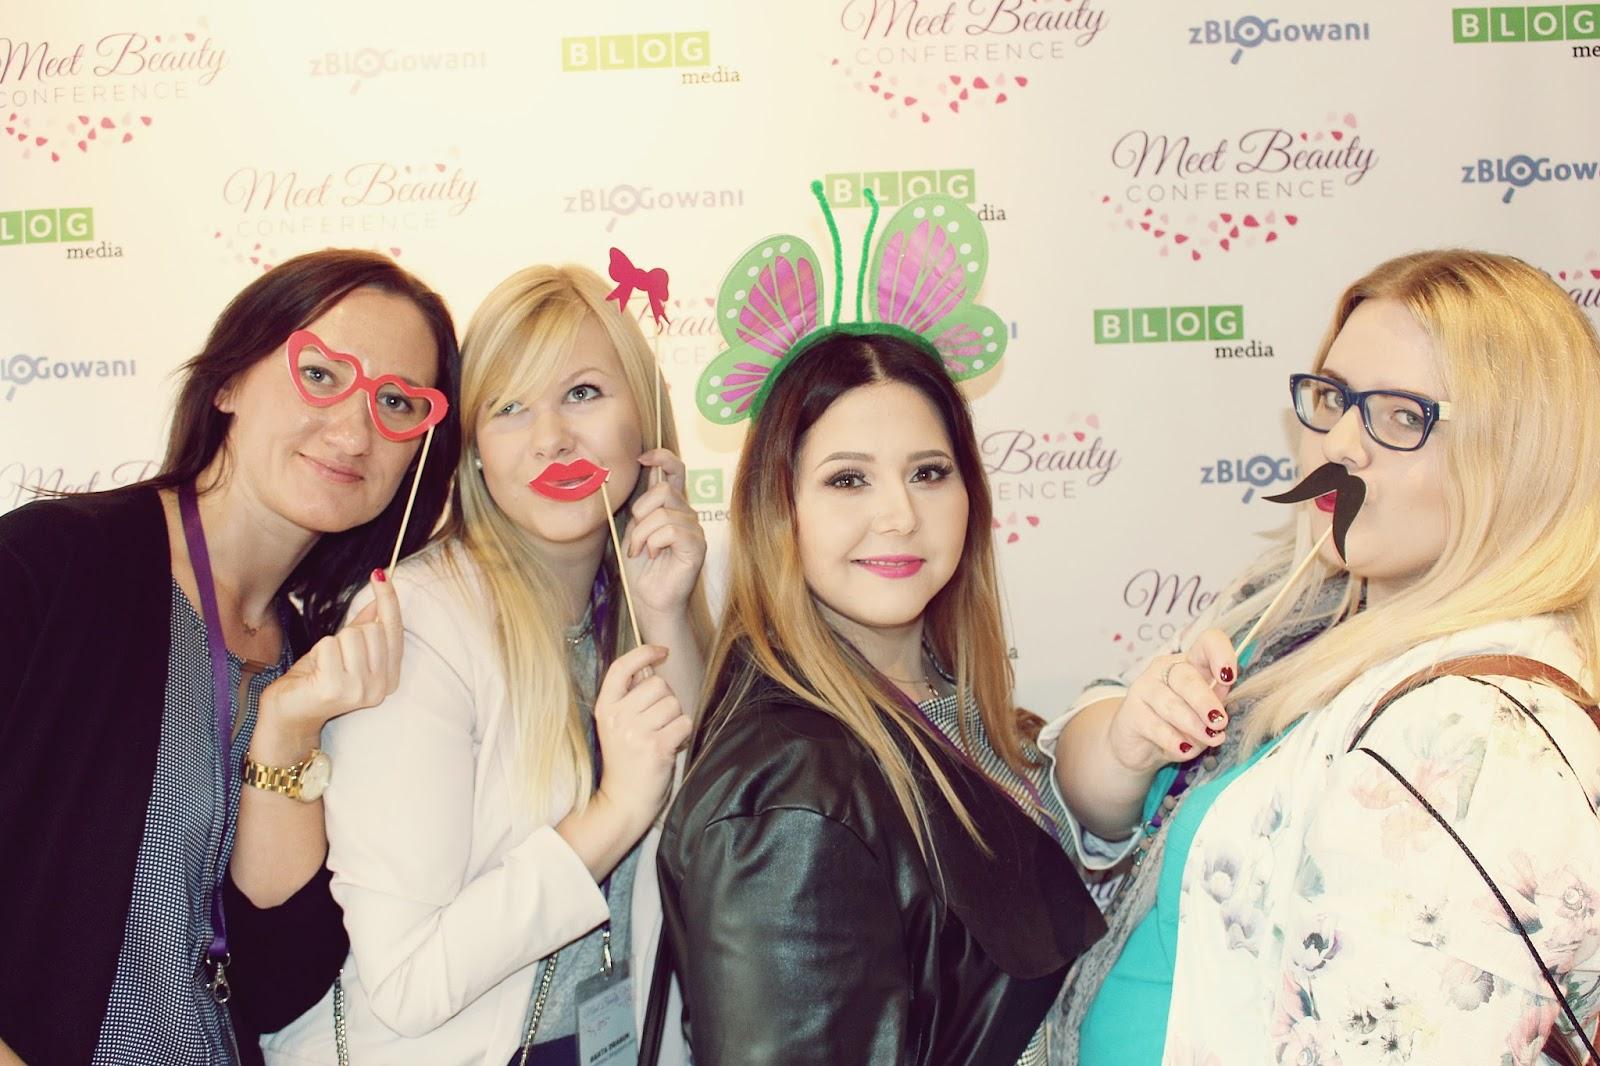 Krótka relacja z konferencji Meet Beauty - Warszawa 24.10.2015